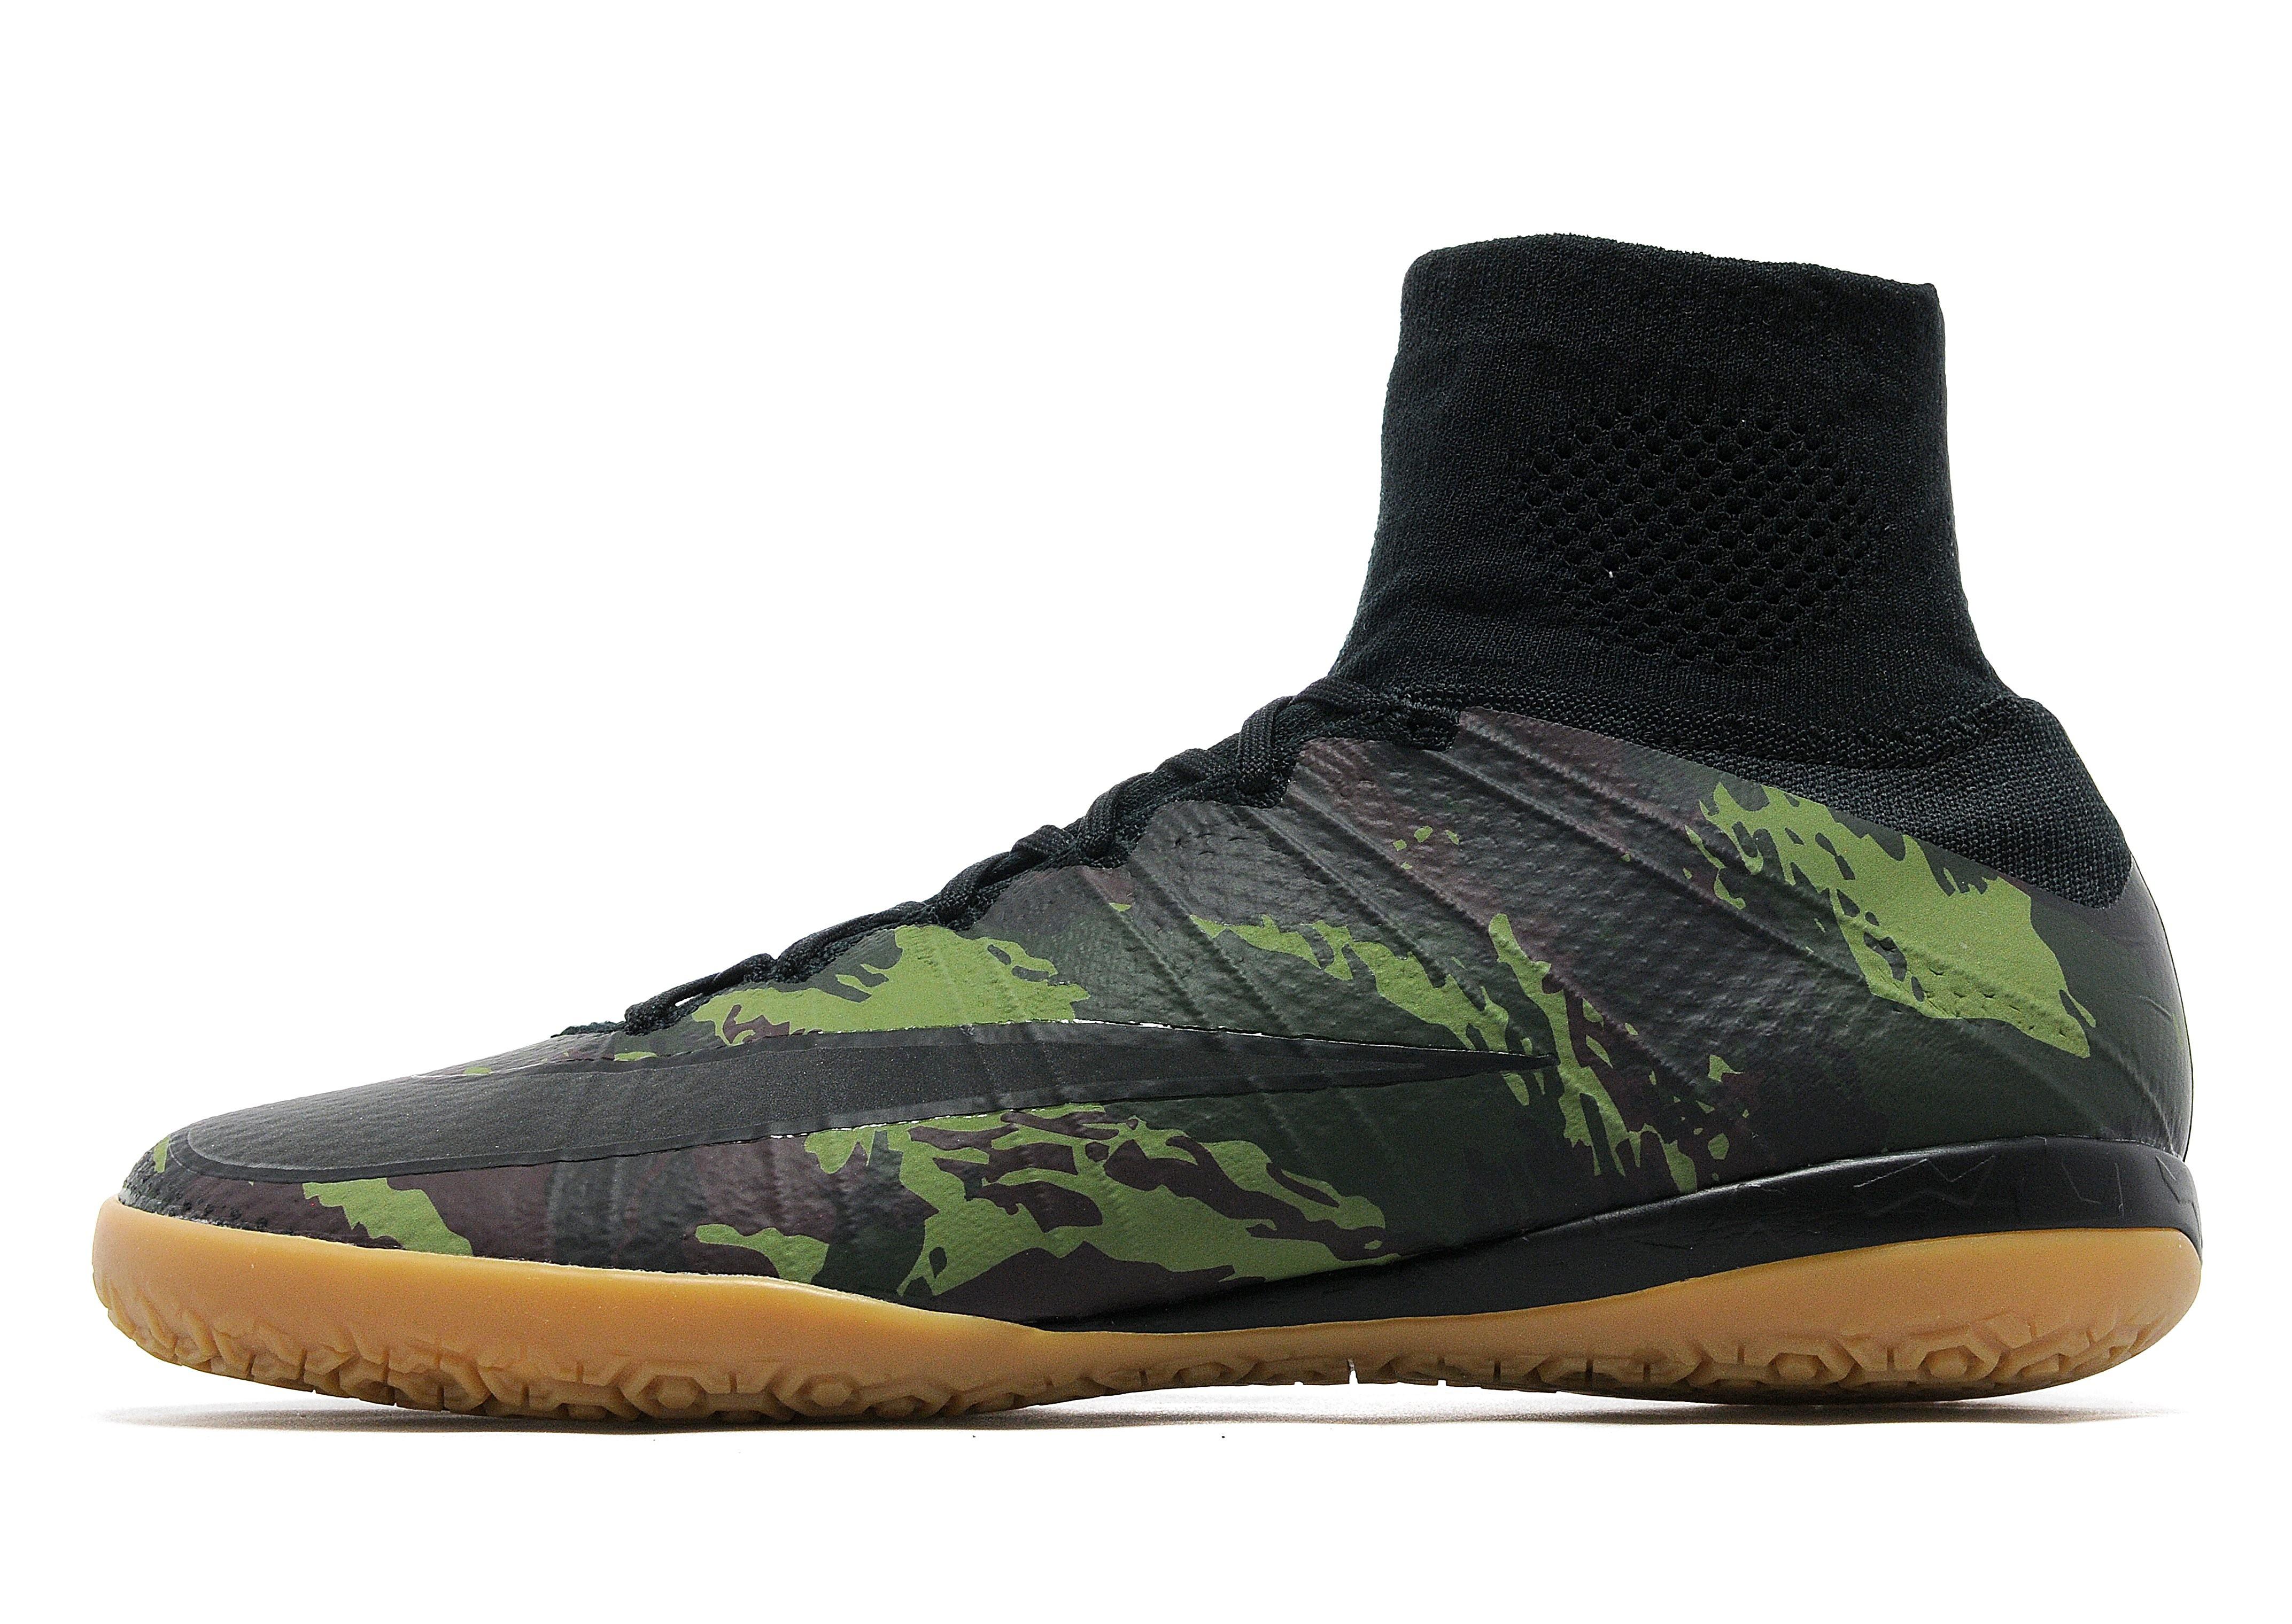 timeless design 0e8c3 4af9d Nike MercurialX Proximo SE IC – Alligator/Mahogany/Dark Army/Black – Mens